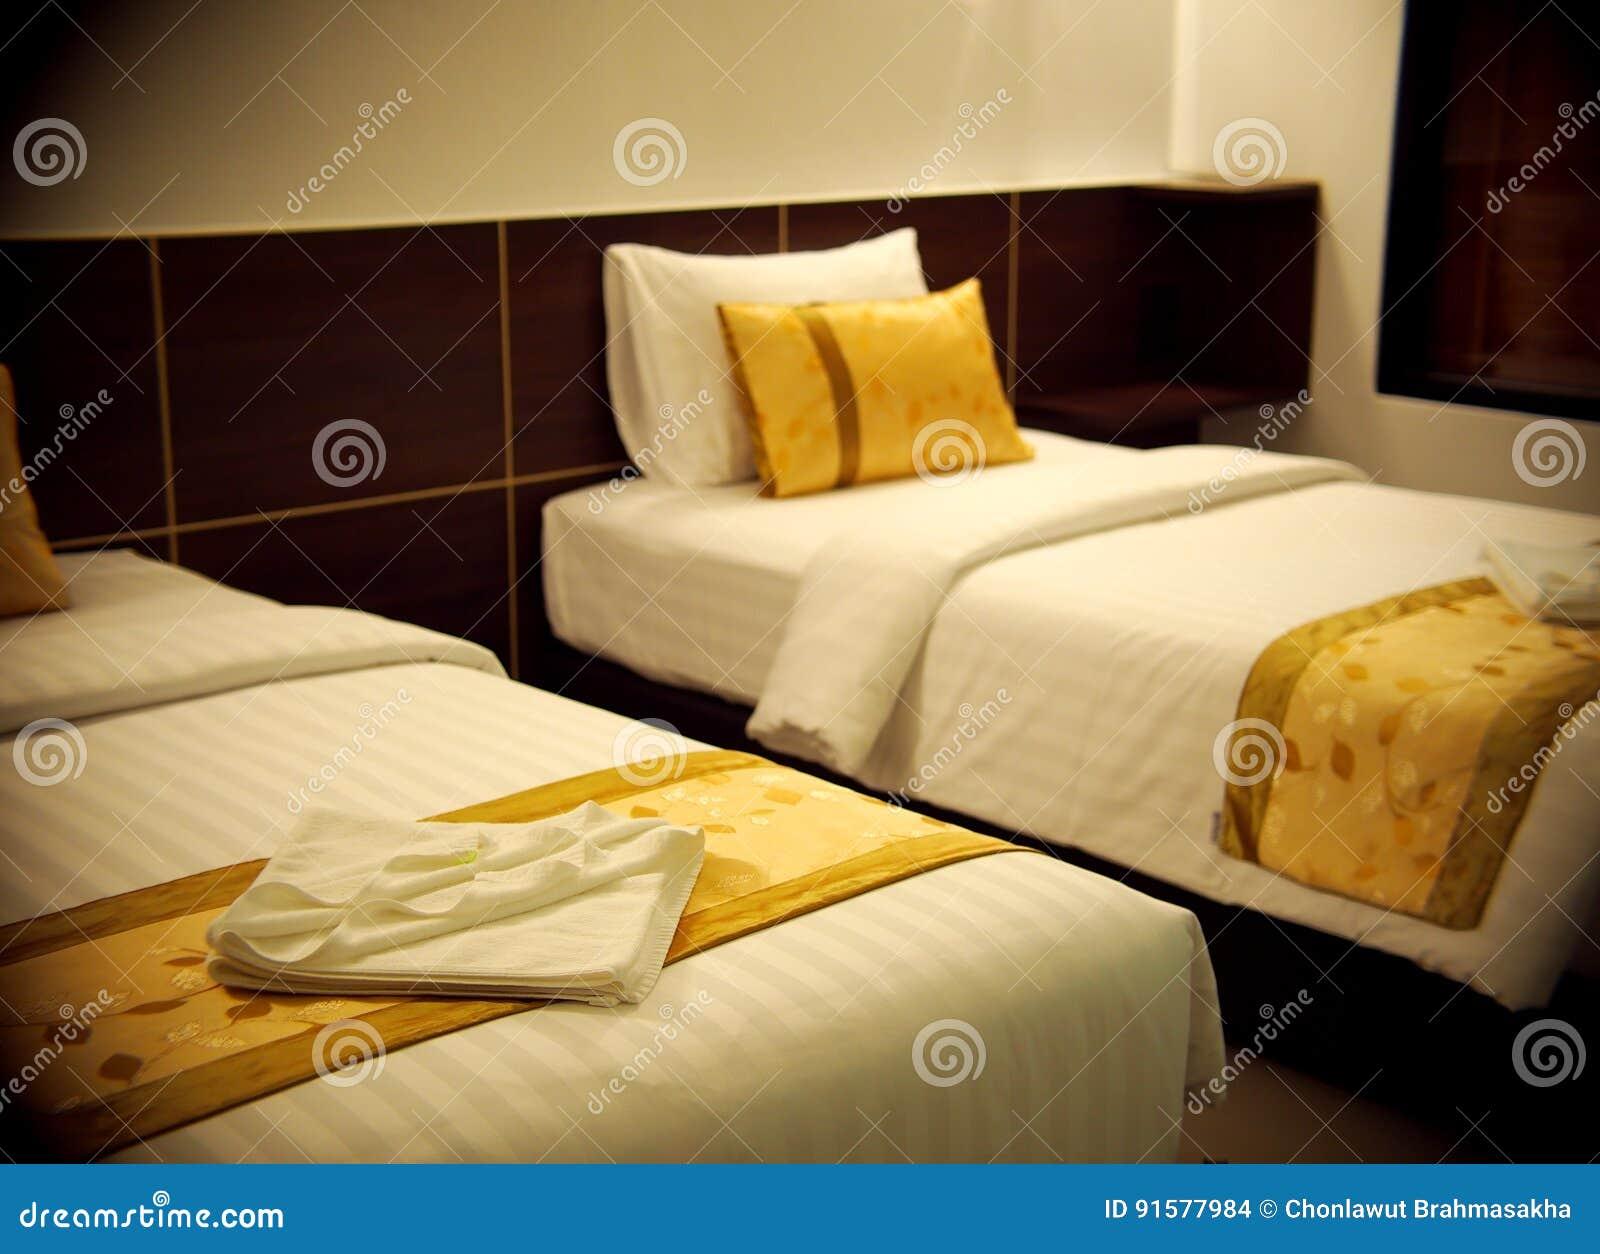 Letto Matrimoniale Giallo : La stanza del letto matrimoniale con colore di giallo di marrone